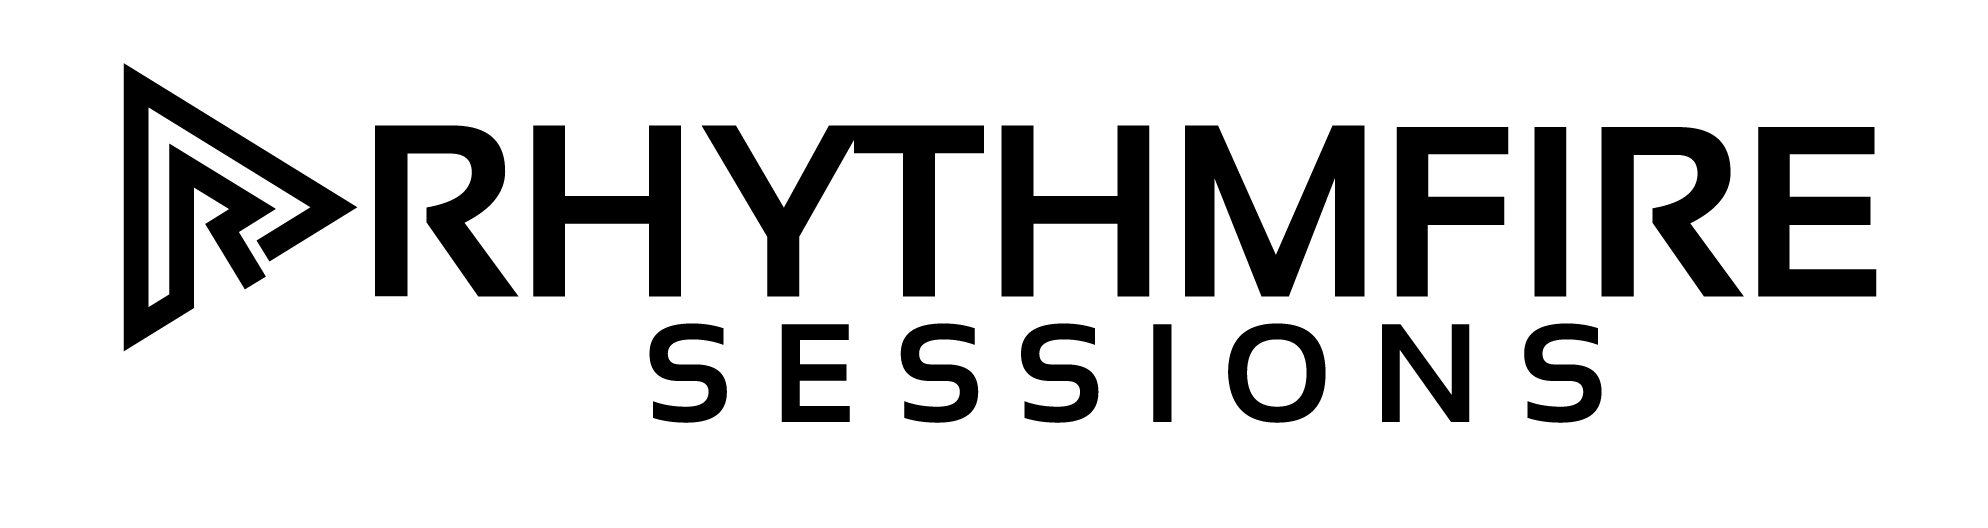 RhythmfiresessionsLogoD7_trimmed.png